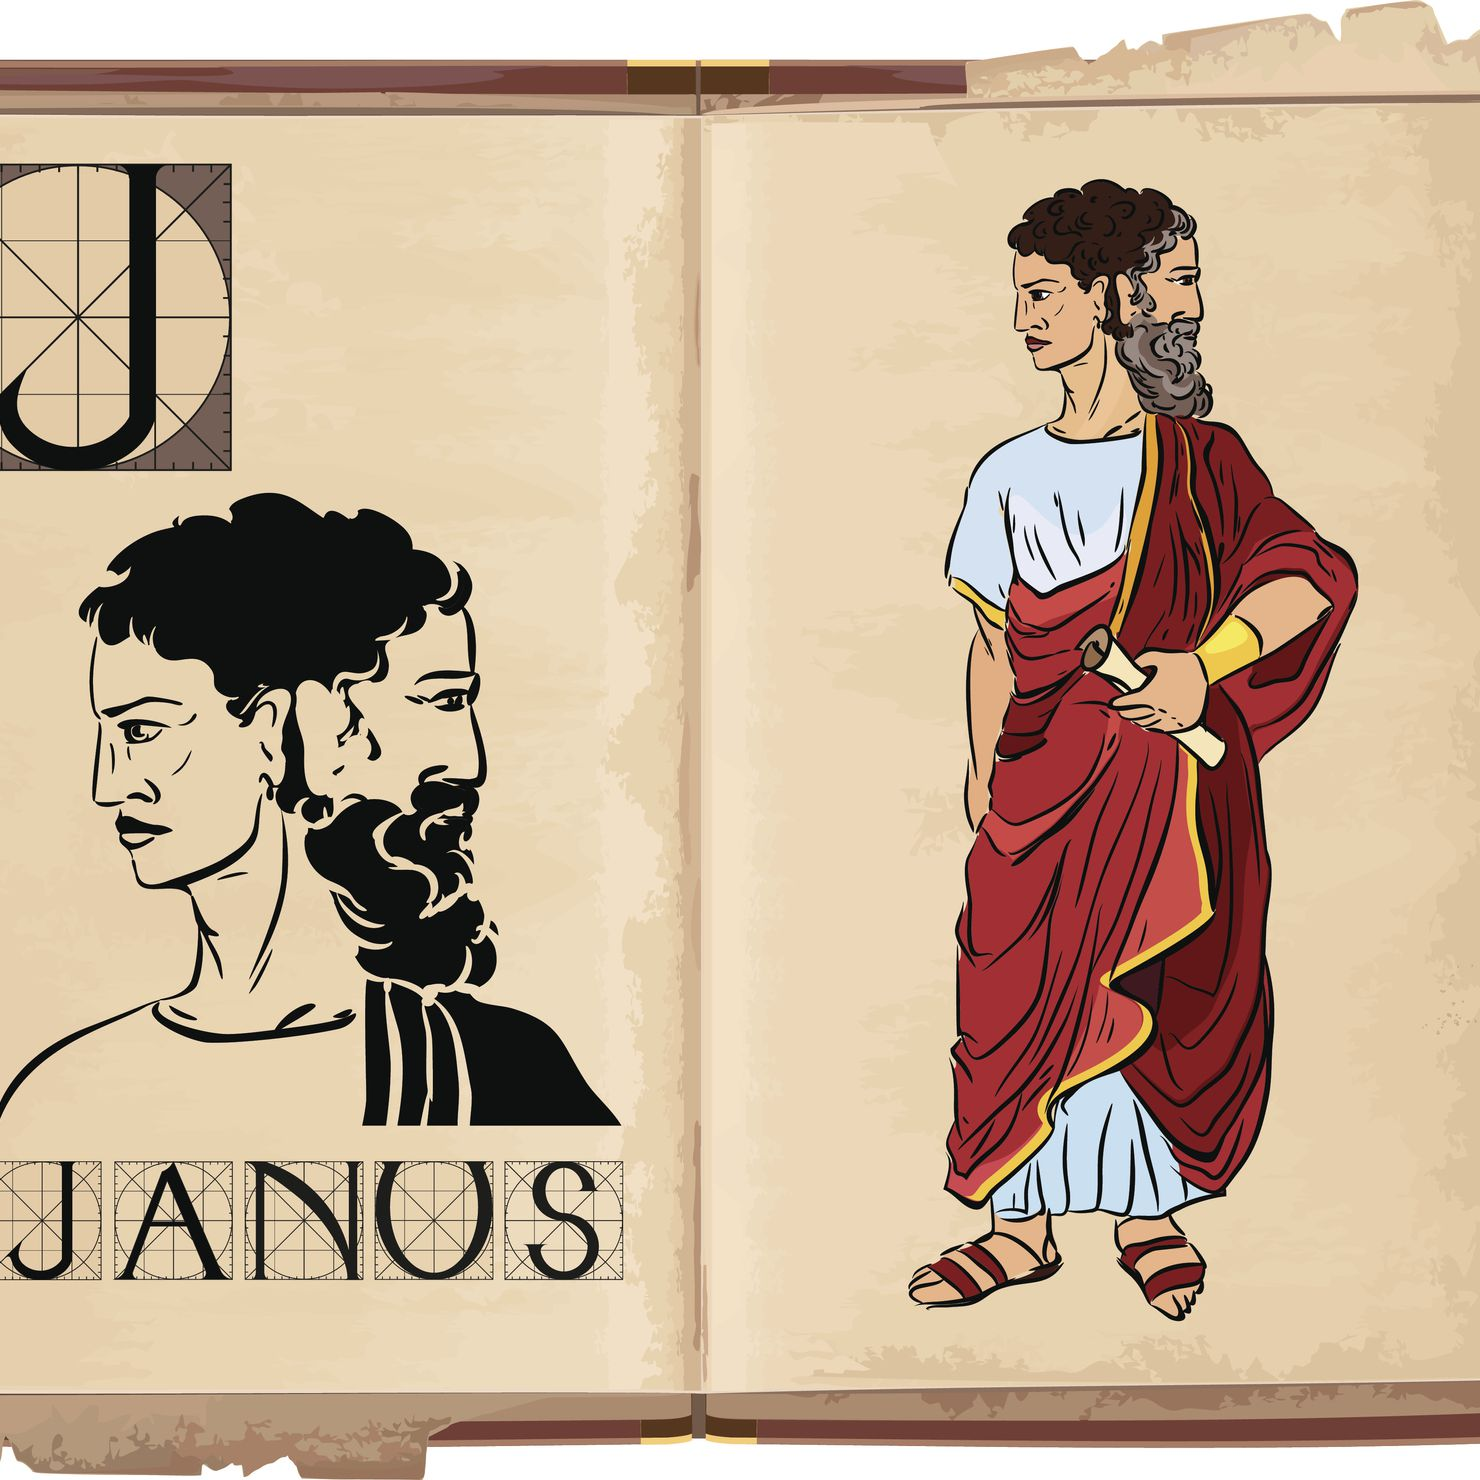 Janus - Who Is Janus